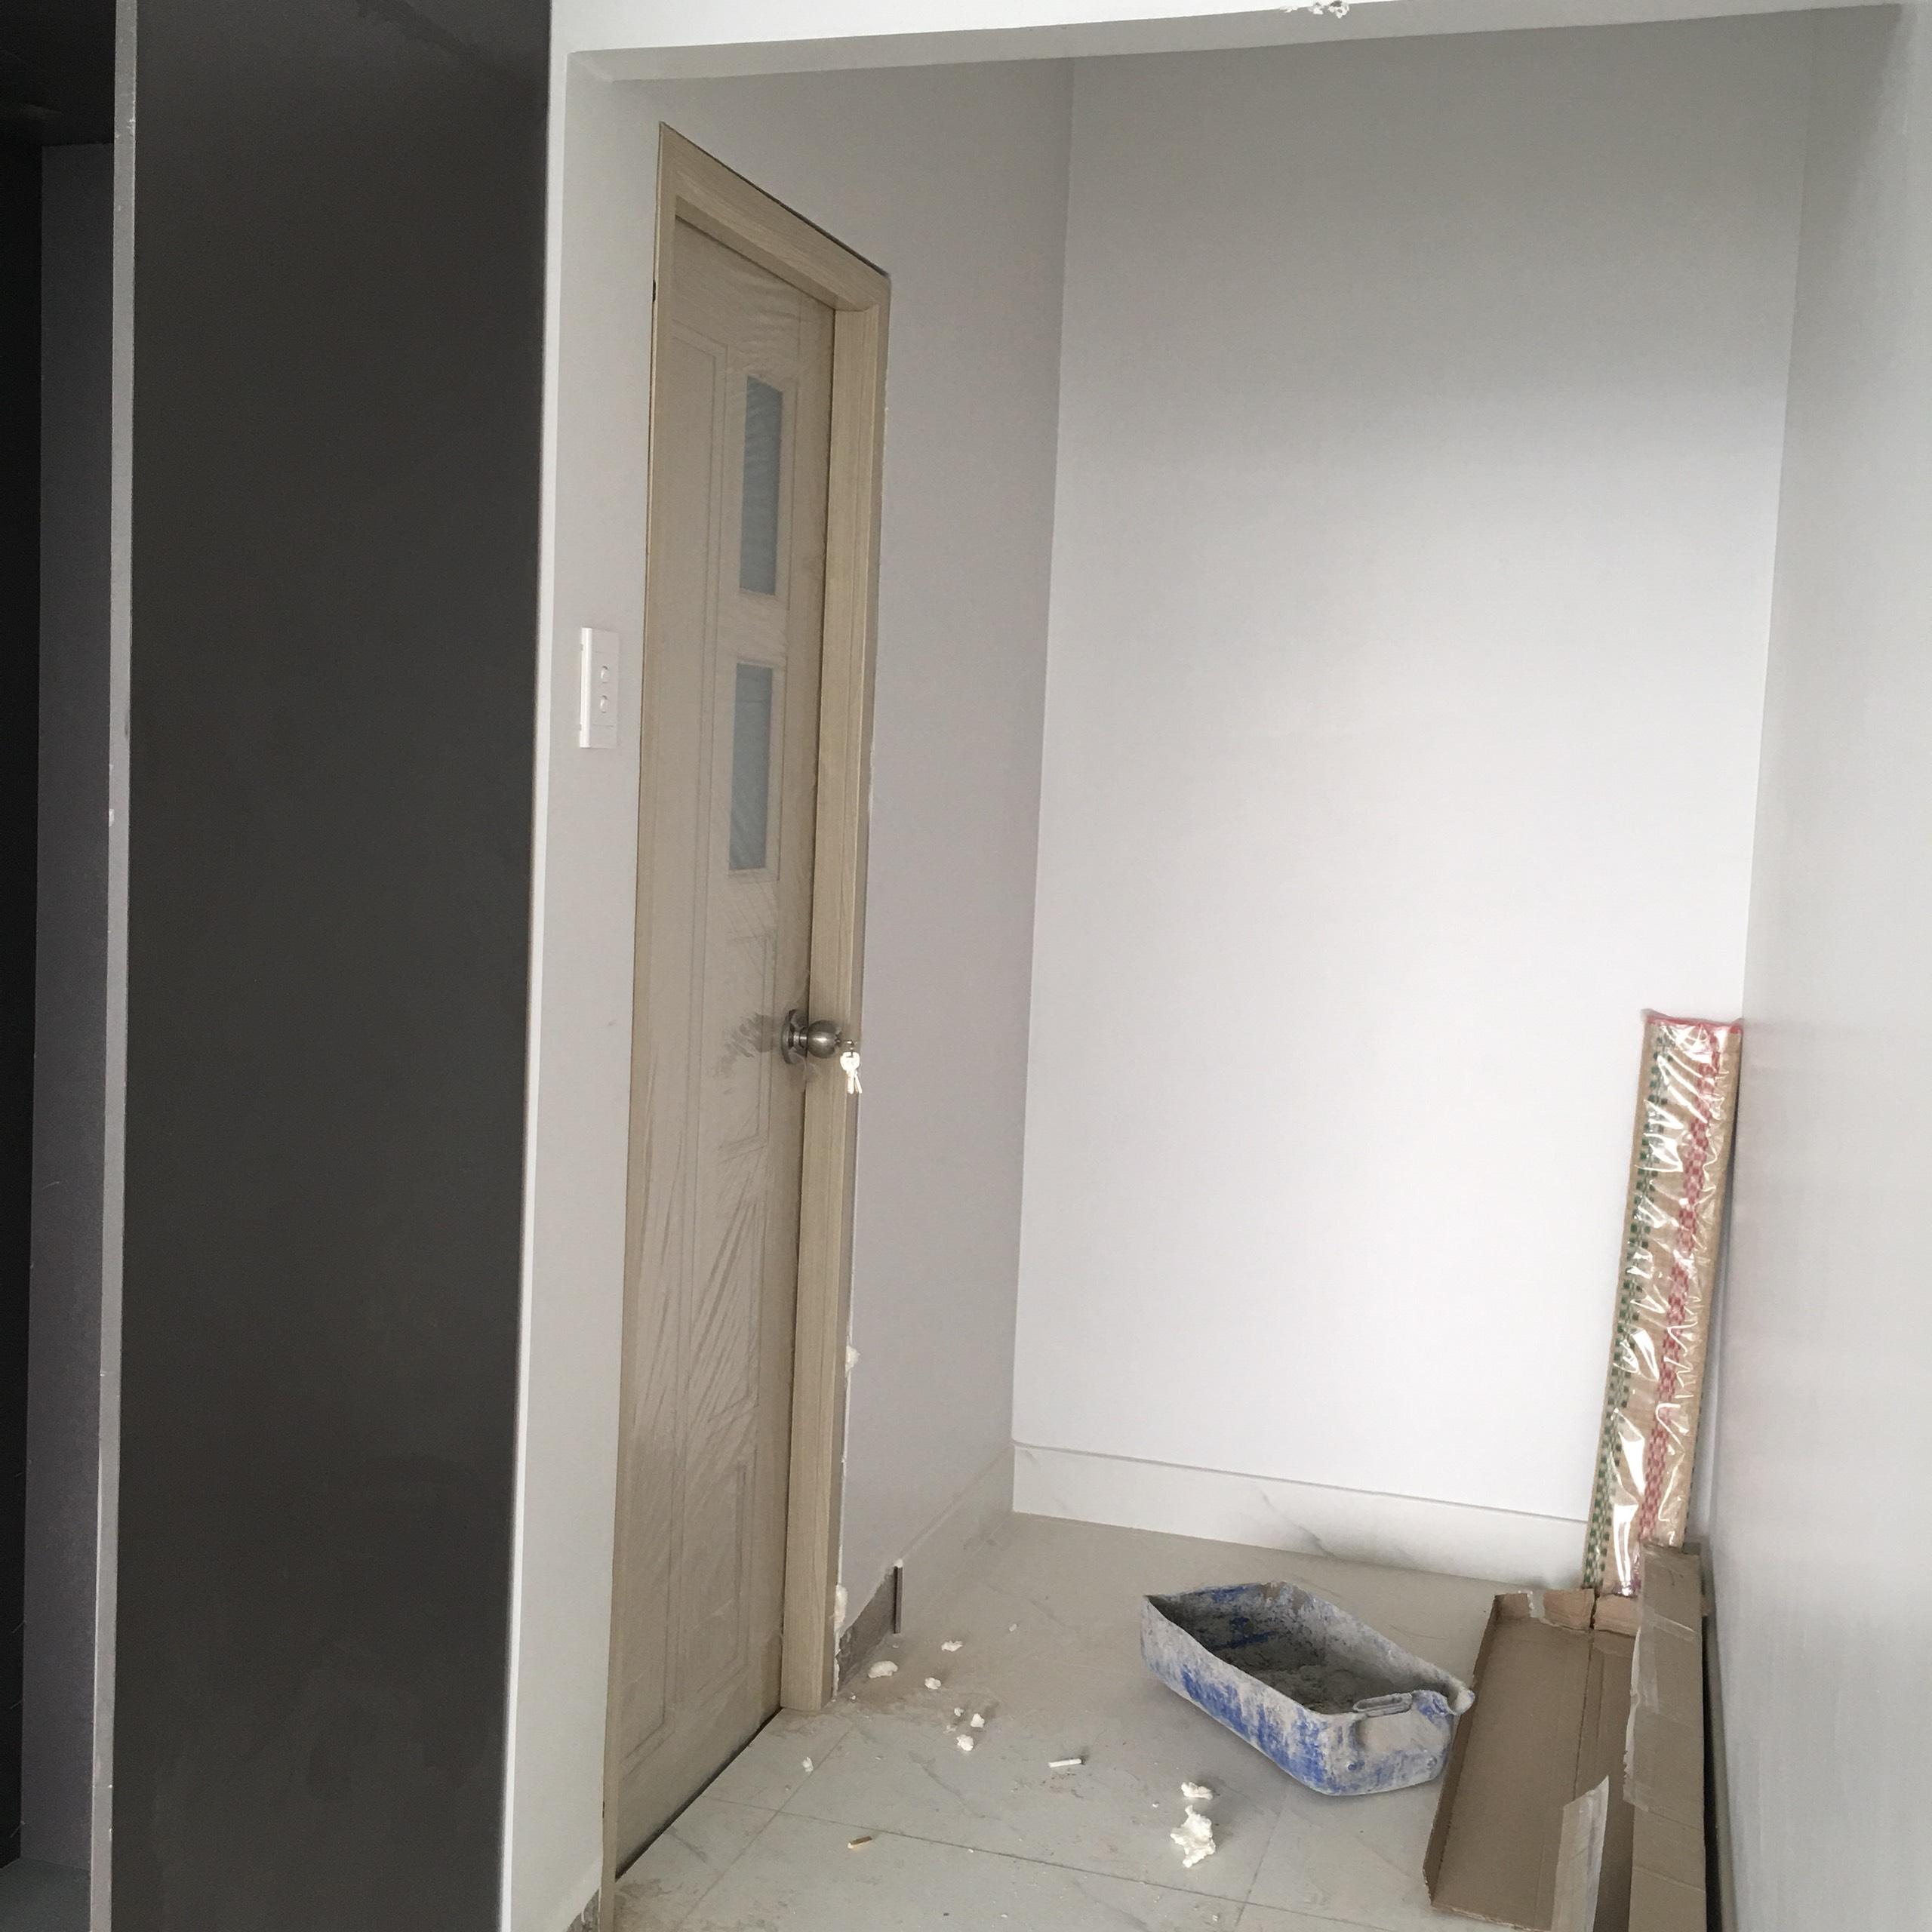 Cửa nhựa đài loan màu tương đối với cửa phòng ngủ